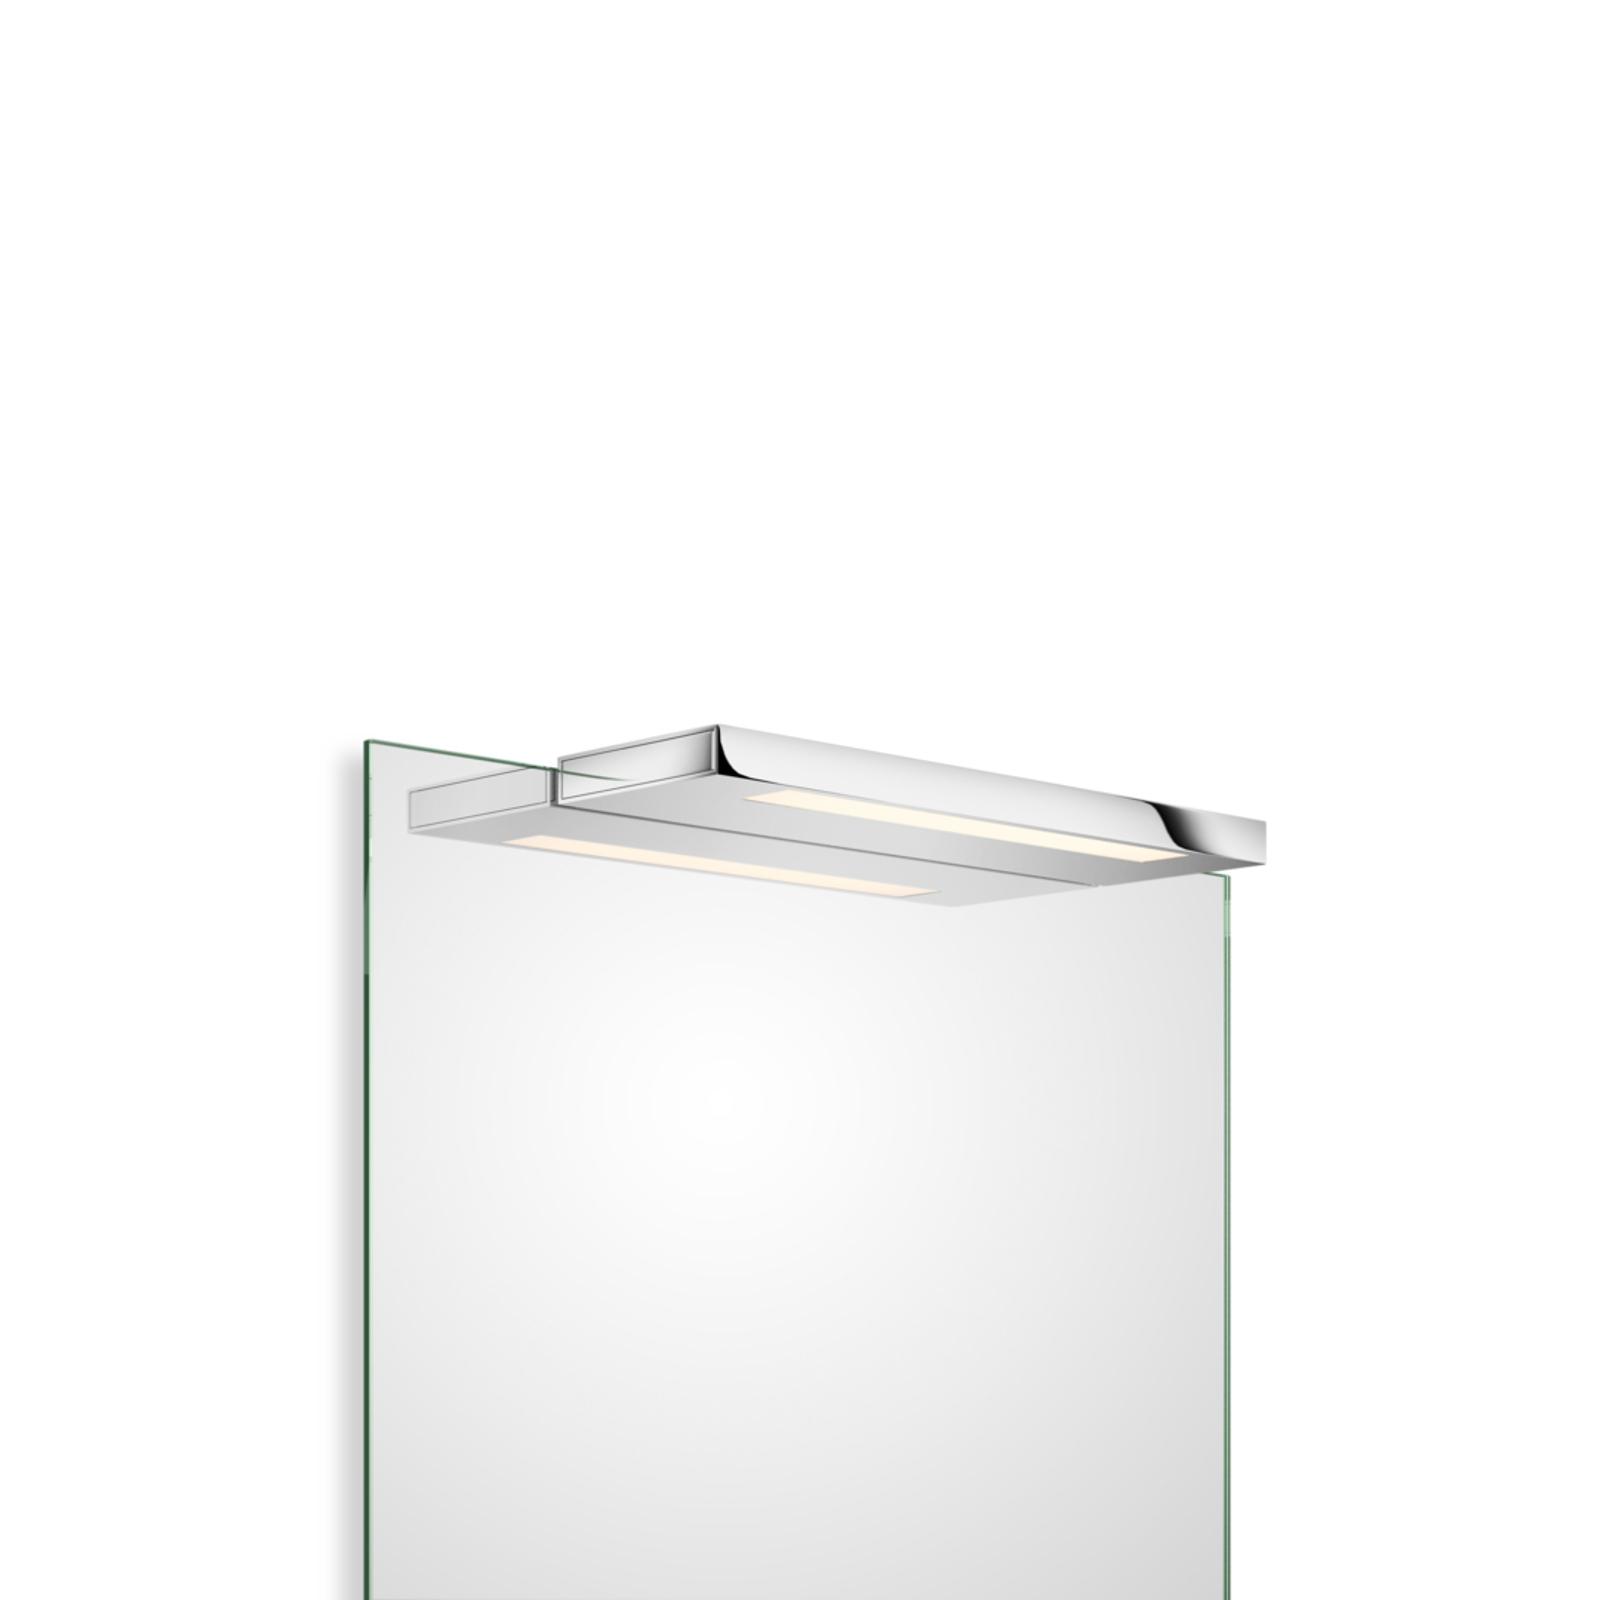 Decor Walther Slim applique miroir LED chromé 34cm